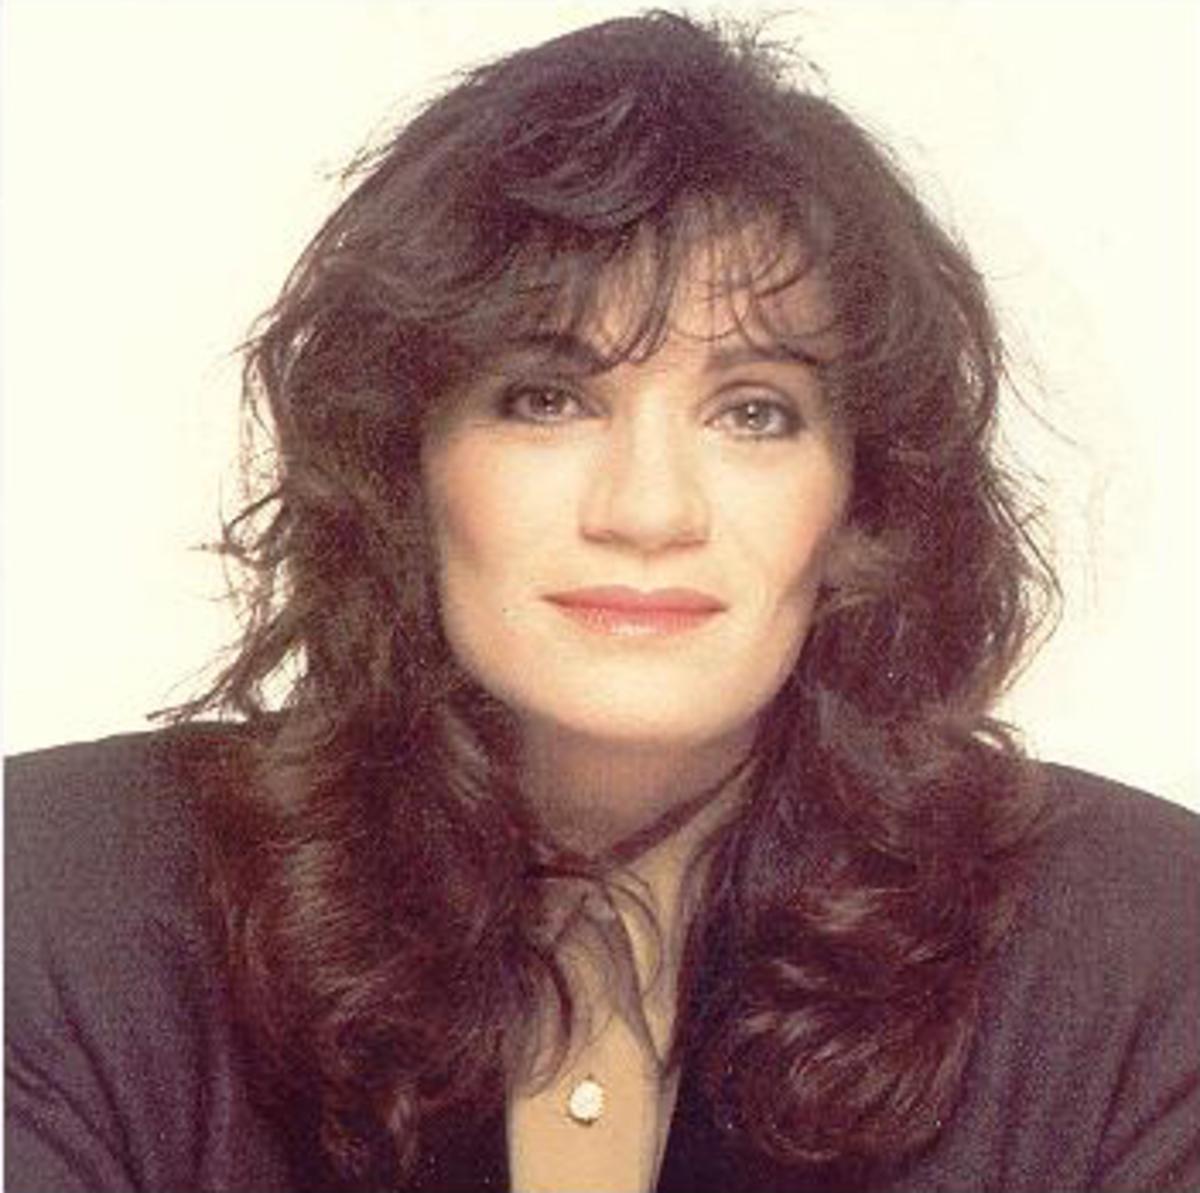 Αποτέλεσμα εικόνας για ελπιδα τραγουδιστρια foto